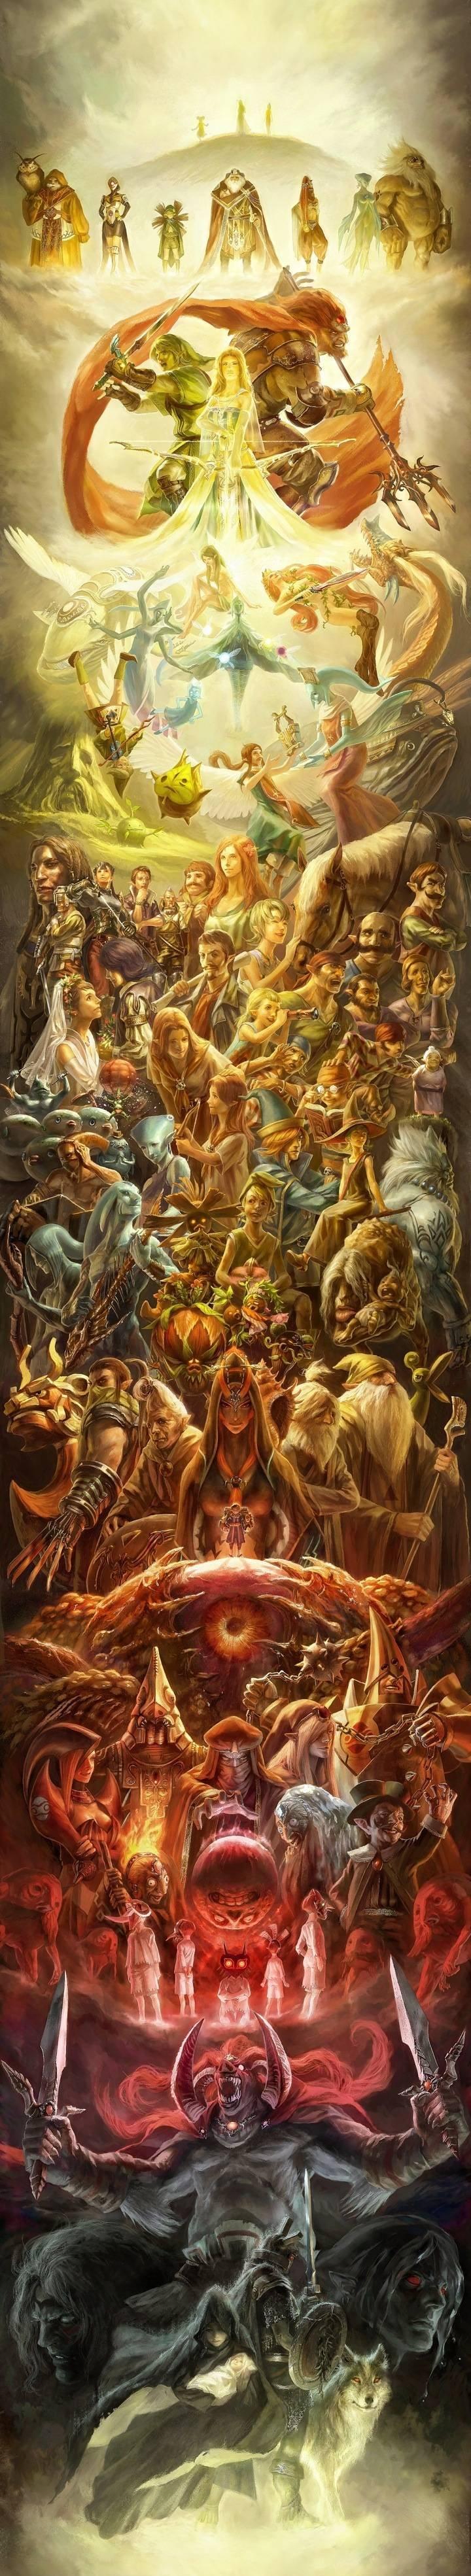 Legends of Hyrule. Like alternative art? Come on over here!!==>alternateartlives.blogspot.com/.. Link and Zelda dump.